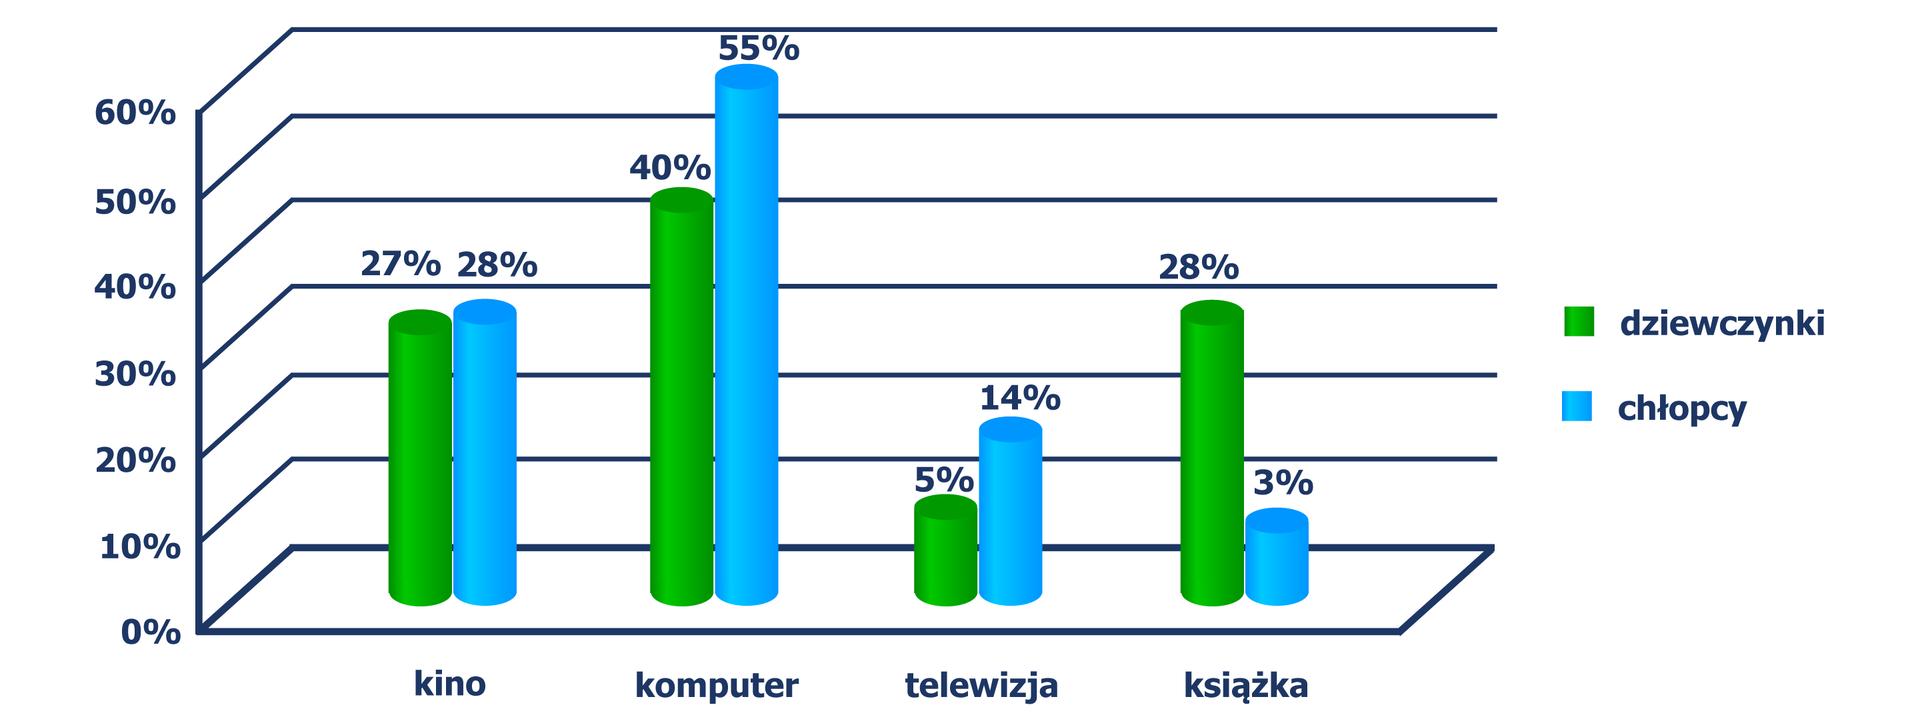 """""""Diagram walcowy, zktórego odczytujemy sposób spędzania wolnego czasu: kino wybiera - 27% dziewczynek, 28% chłopców"""